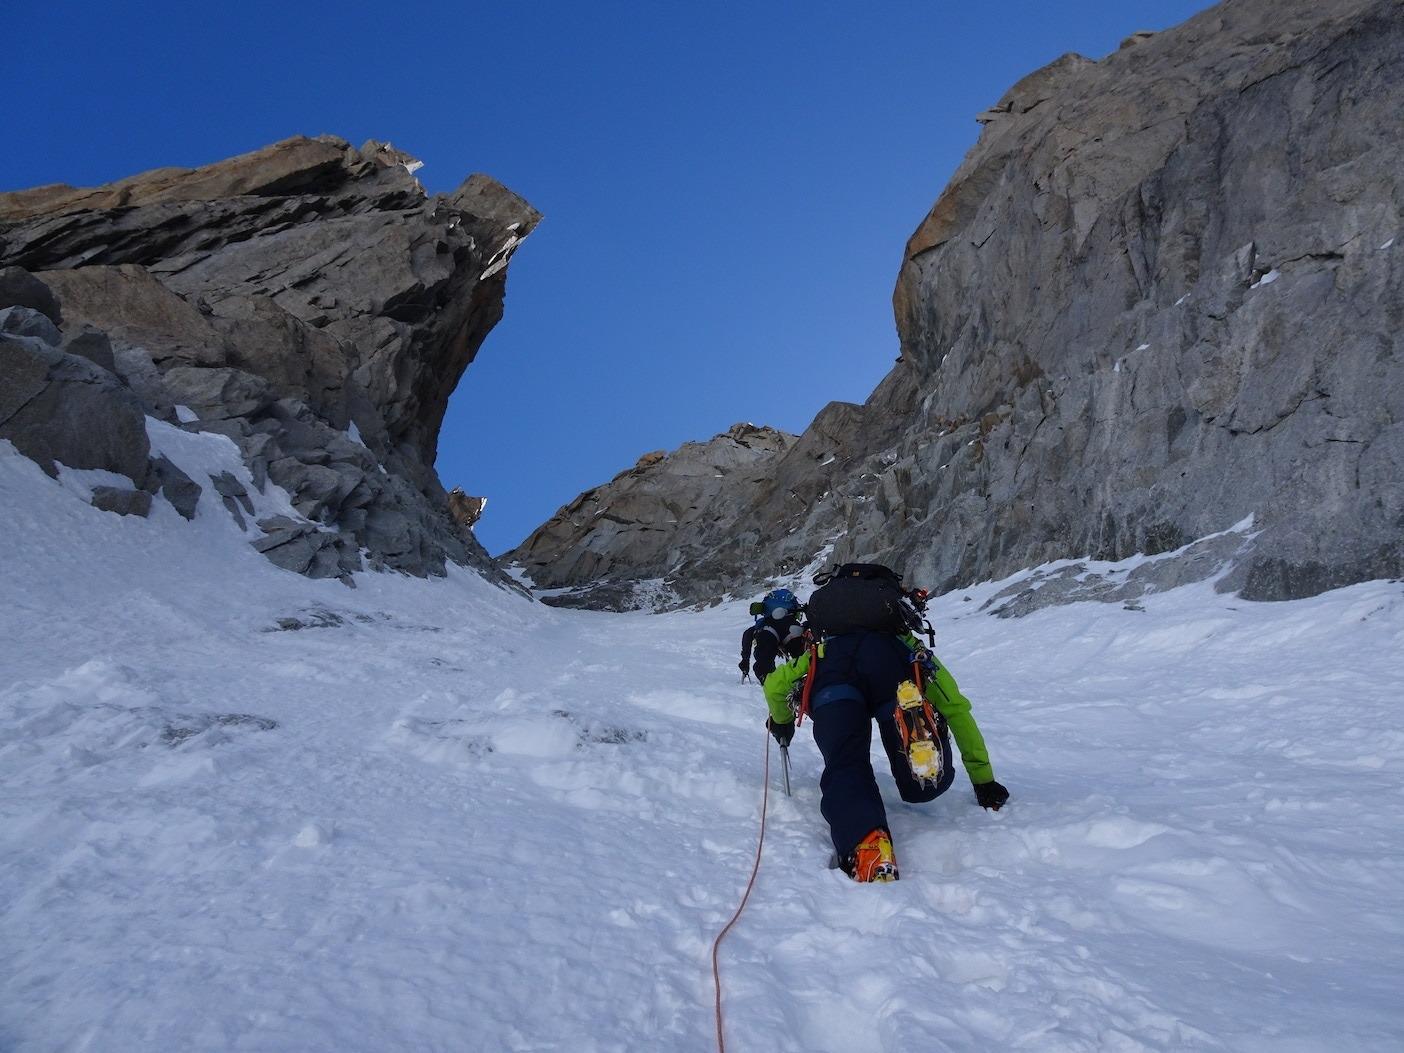 ツールロンド南壁 ジェルバズッティ・クーロワールを登攀中。